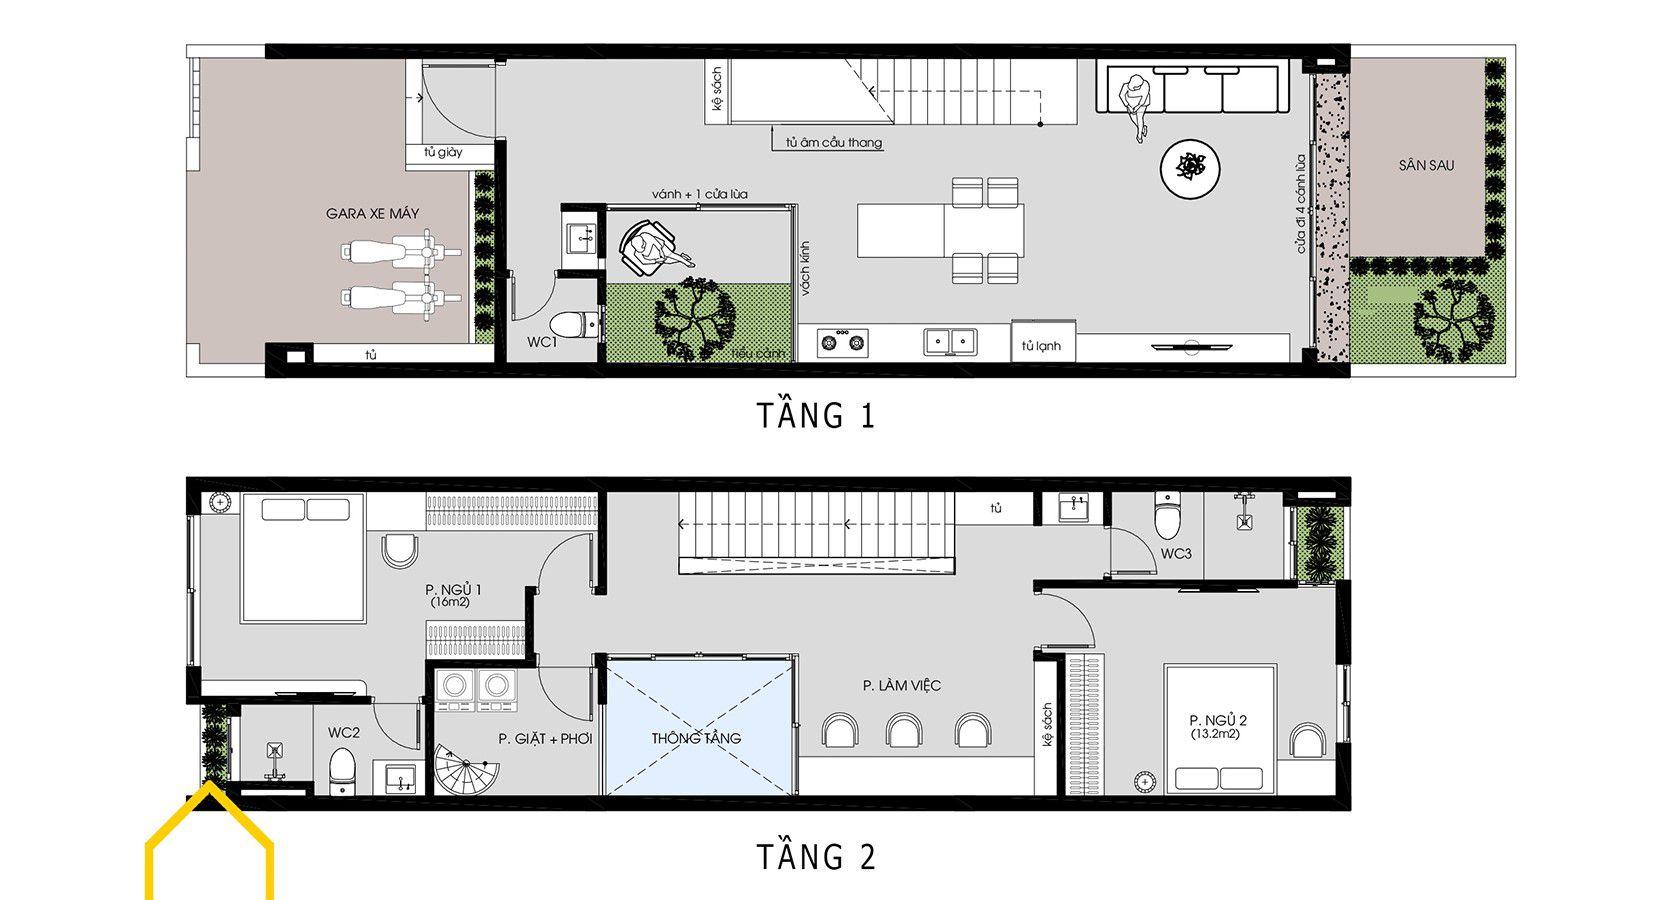 Mặt bằng công năng mẫu nhà phố 2 tầng tối giản